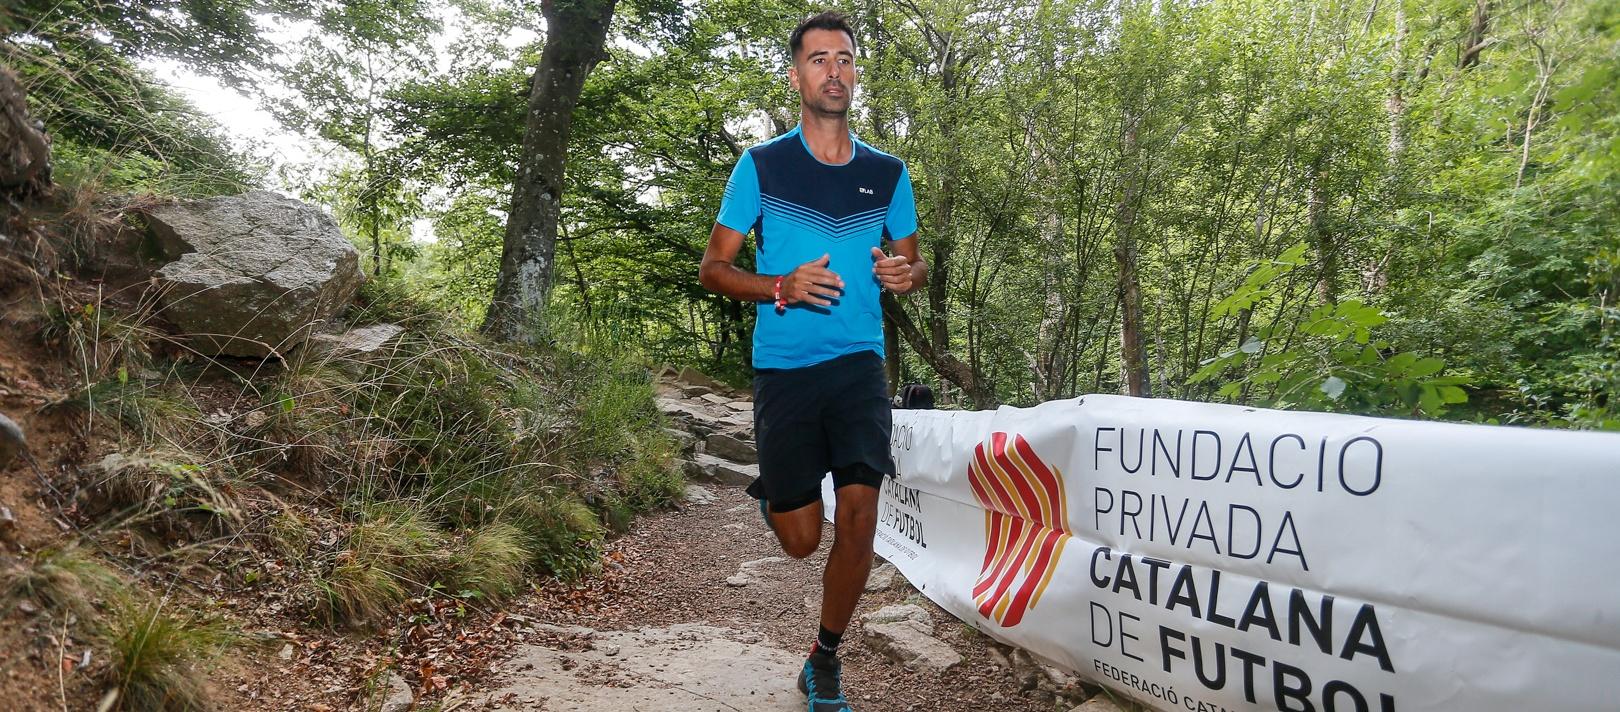 Hèctor Robas, quilòmetres solidaris per la Fundació